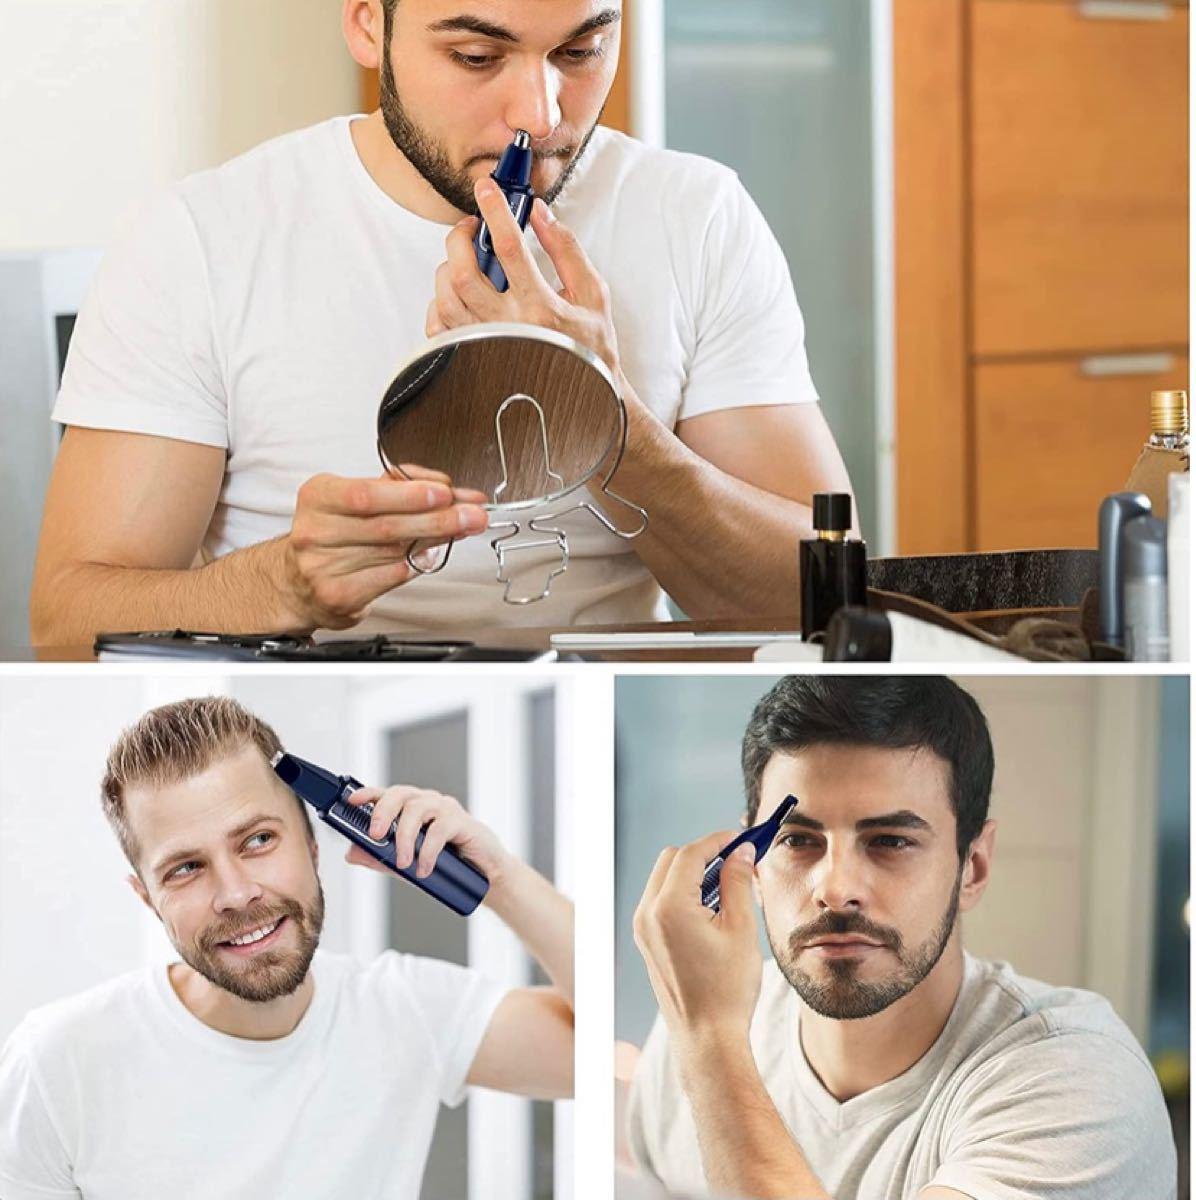 鼻毛カッター 電気で動く 眉毛トリマー 脱毛ナイフ 髪の毛整理する 耳毛 三合一 ユニセックス があります洗える